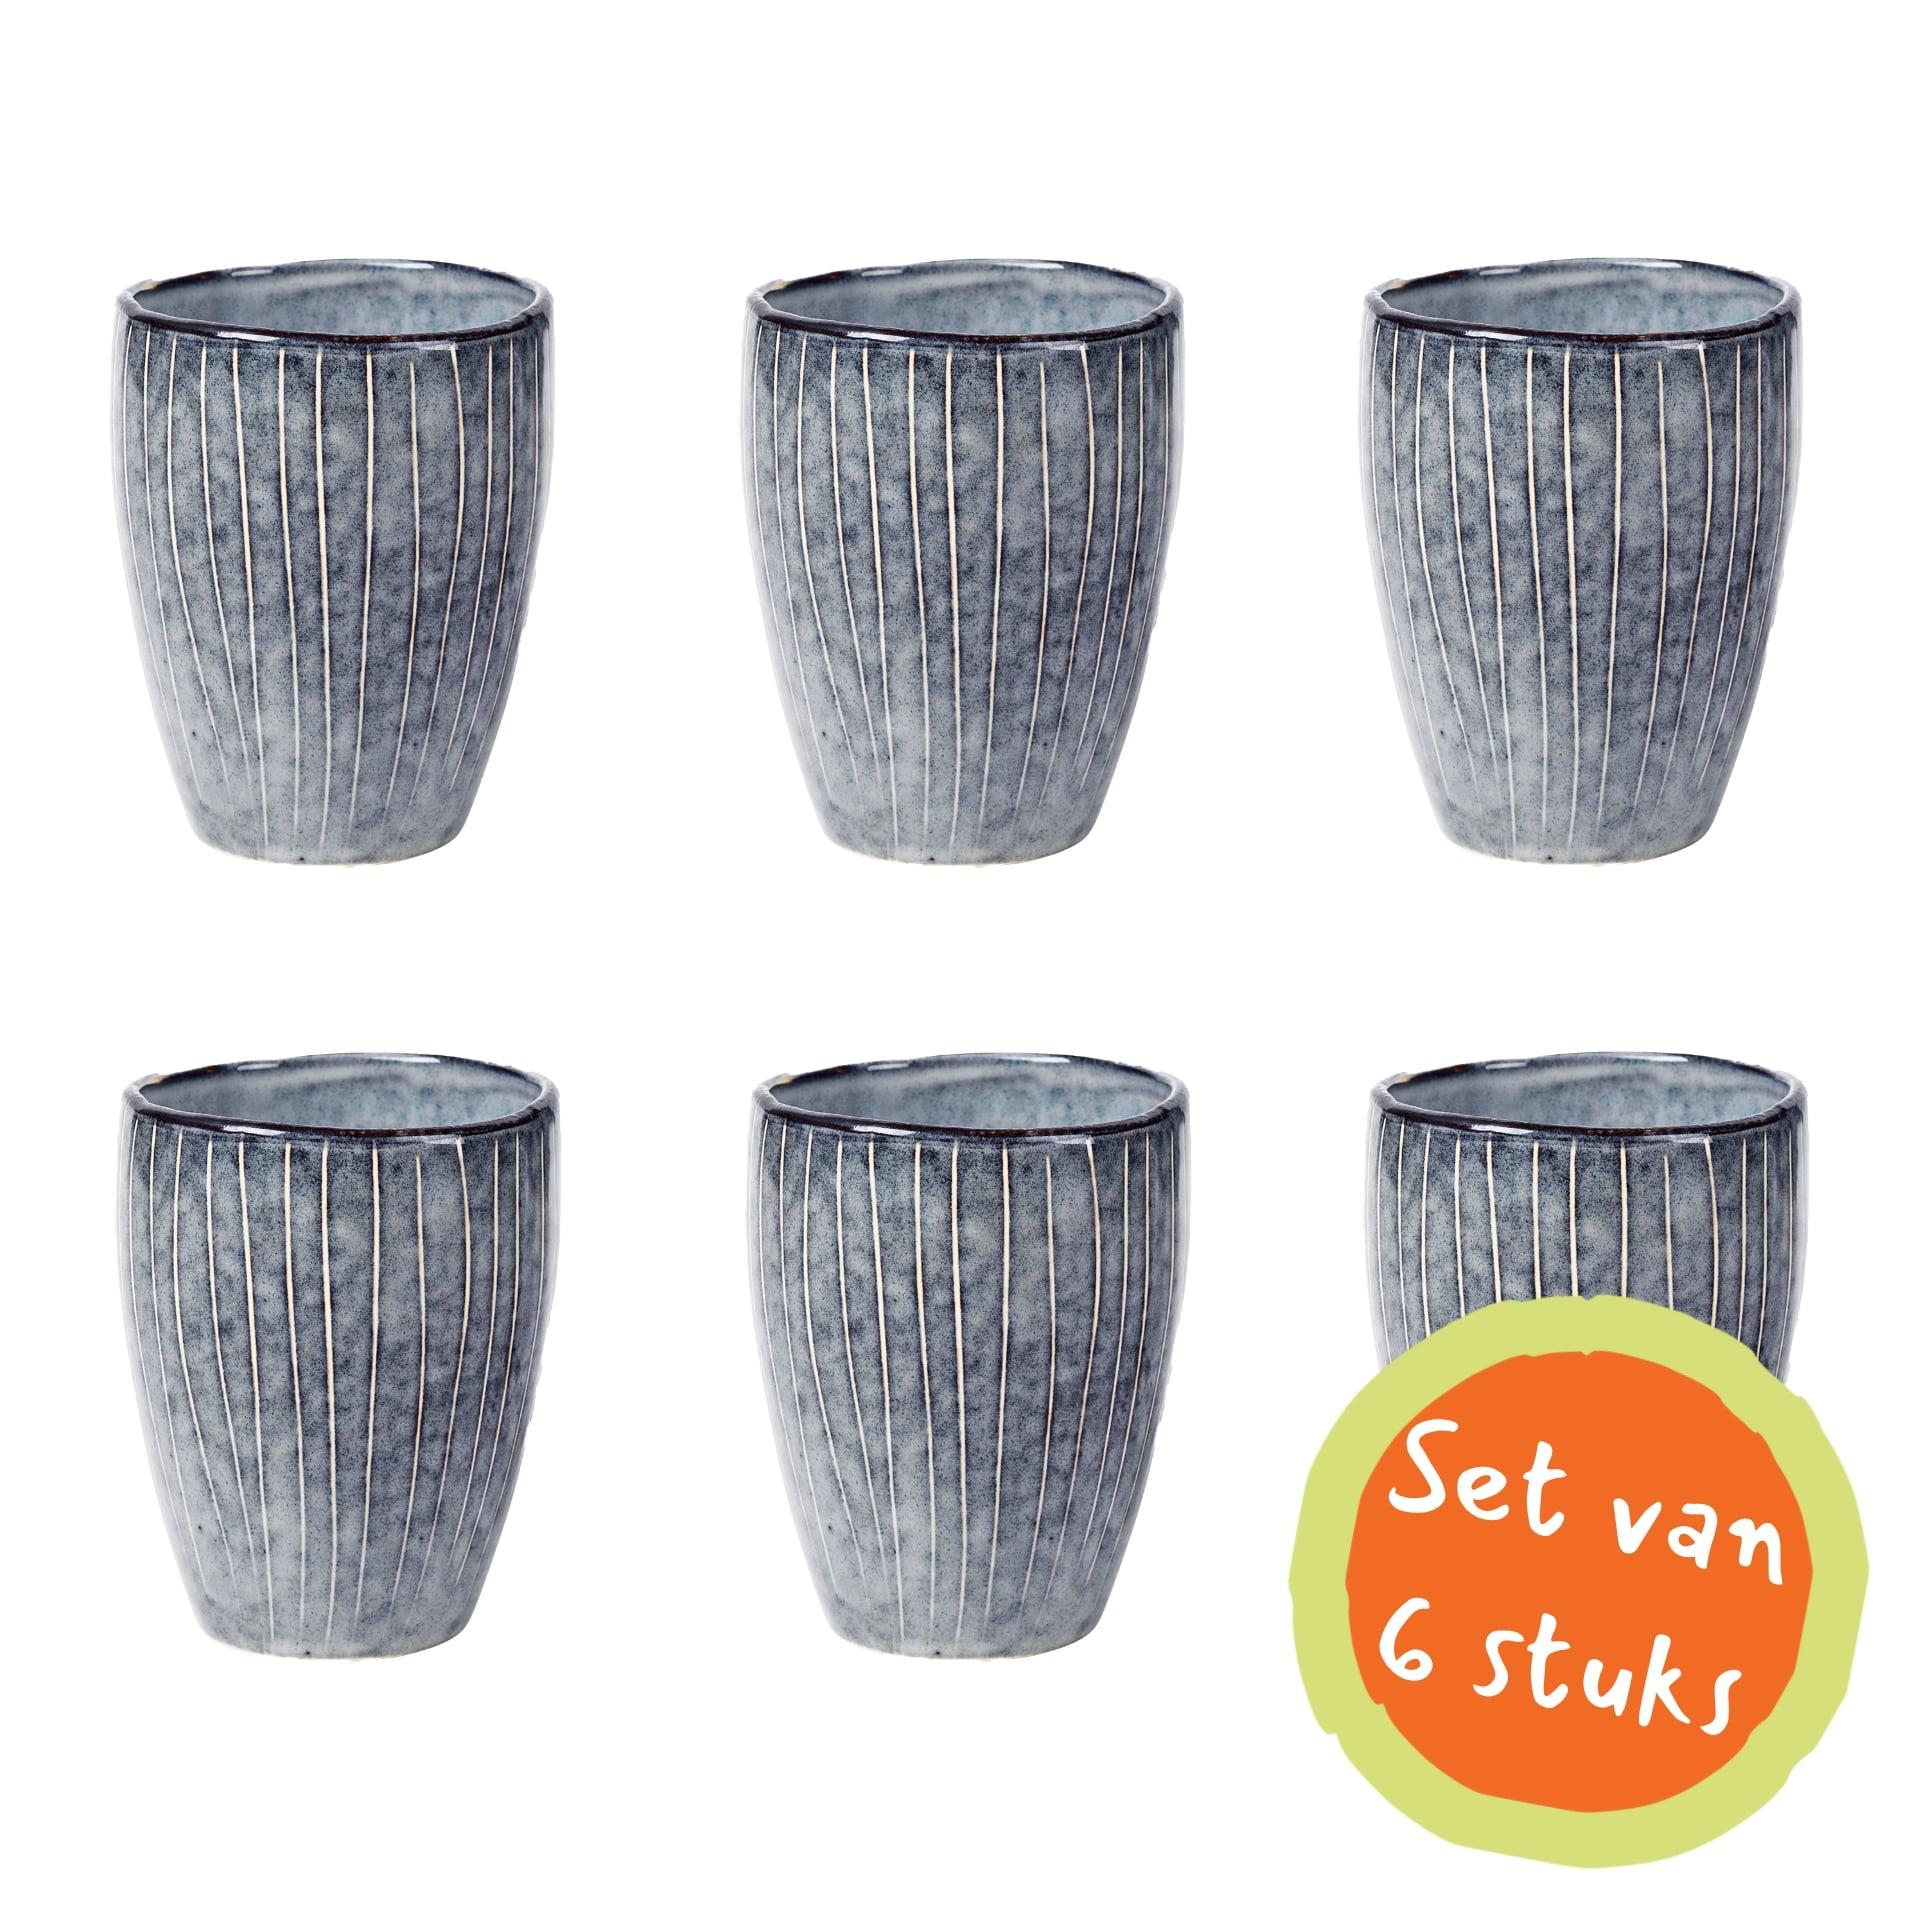 Broste Copenhagen beker/mok Nordic Sea - blauw/wit aardewerk - 250 ml - set van 6